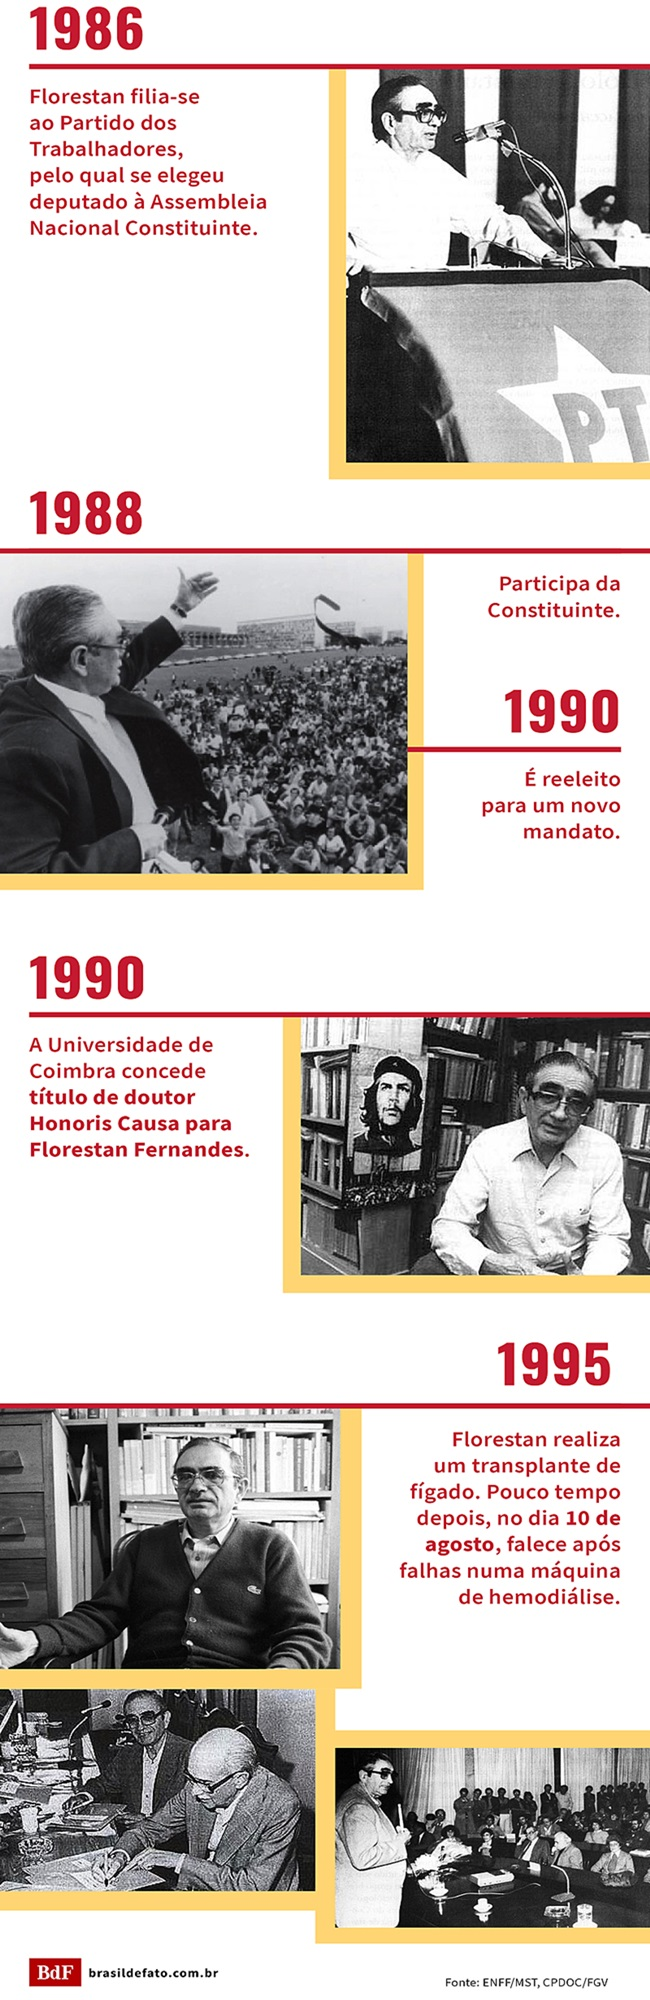 Florestan Fernandes complexidade intelectual a serviço do povo